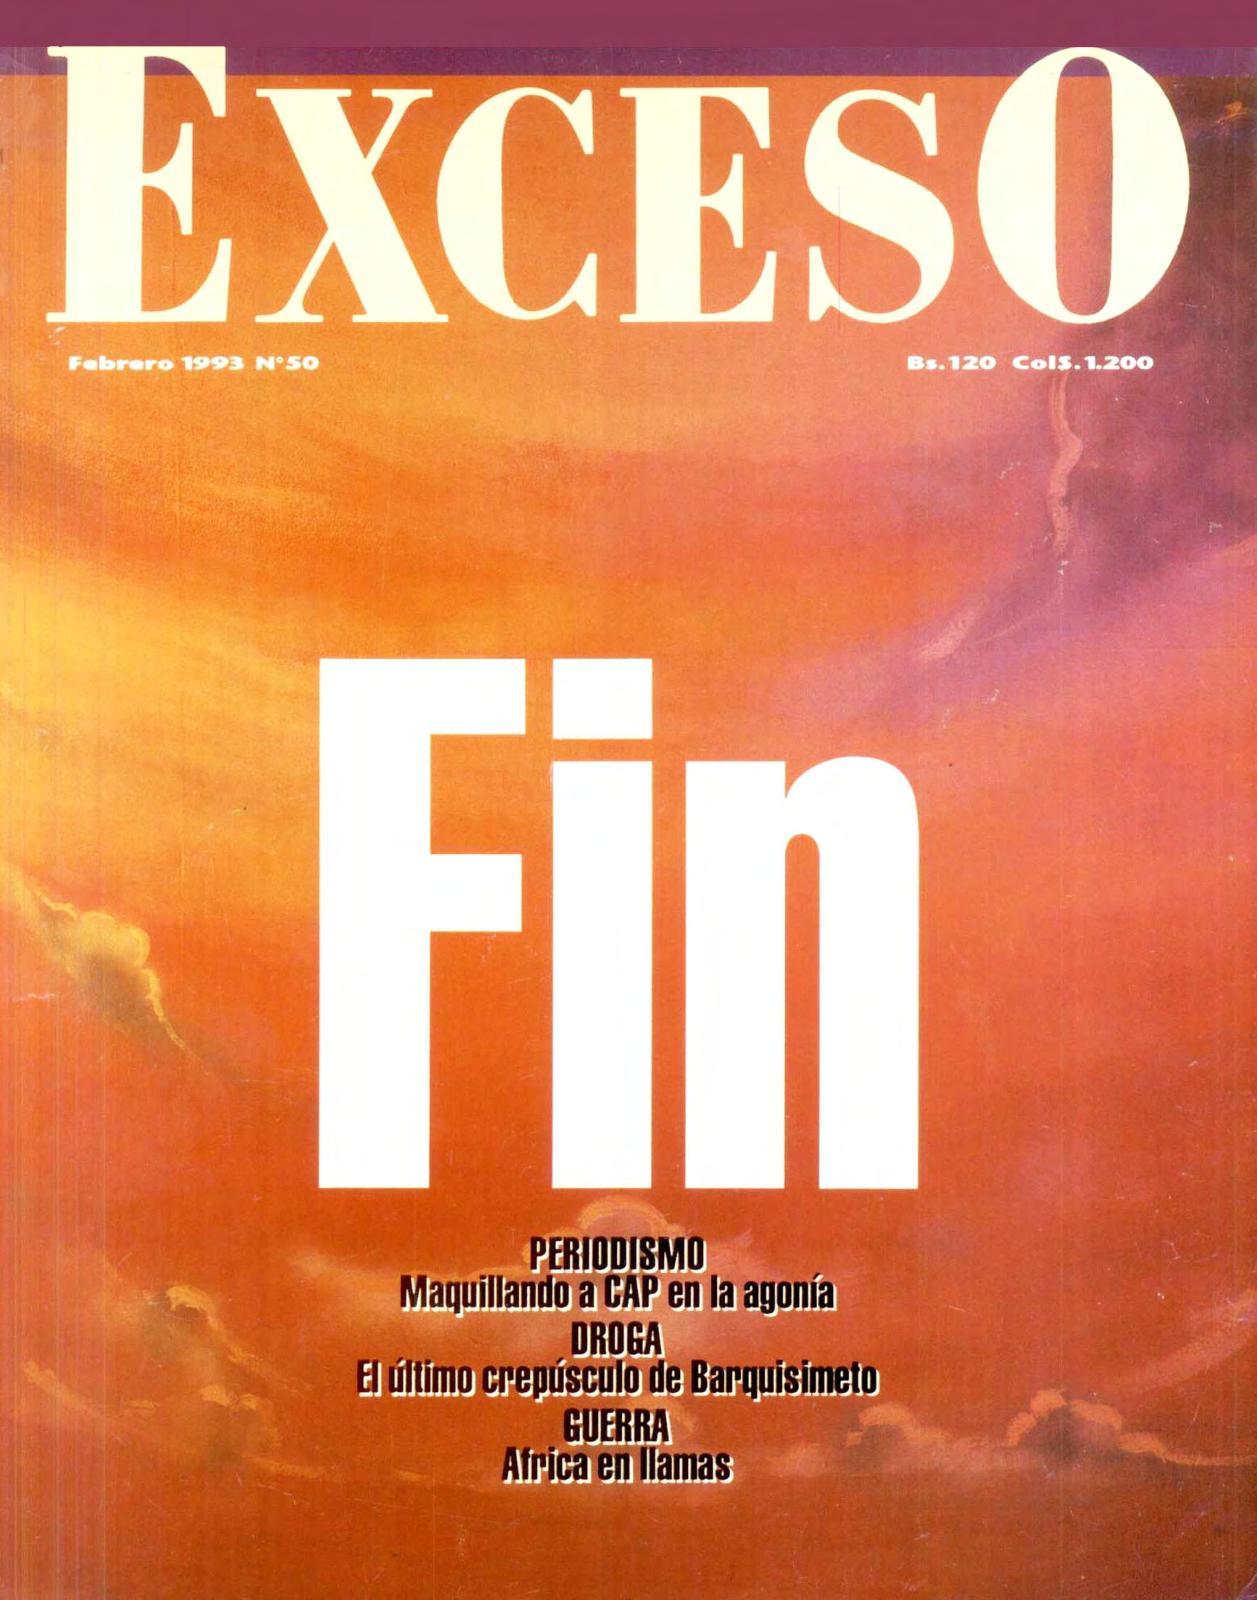 Calaméo - REVISTA EXCESO -EDICION Nº 50 FEBRERO 1993 9896802ab72d